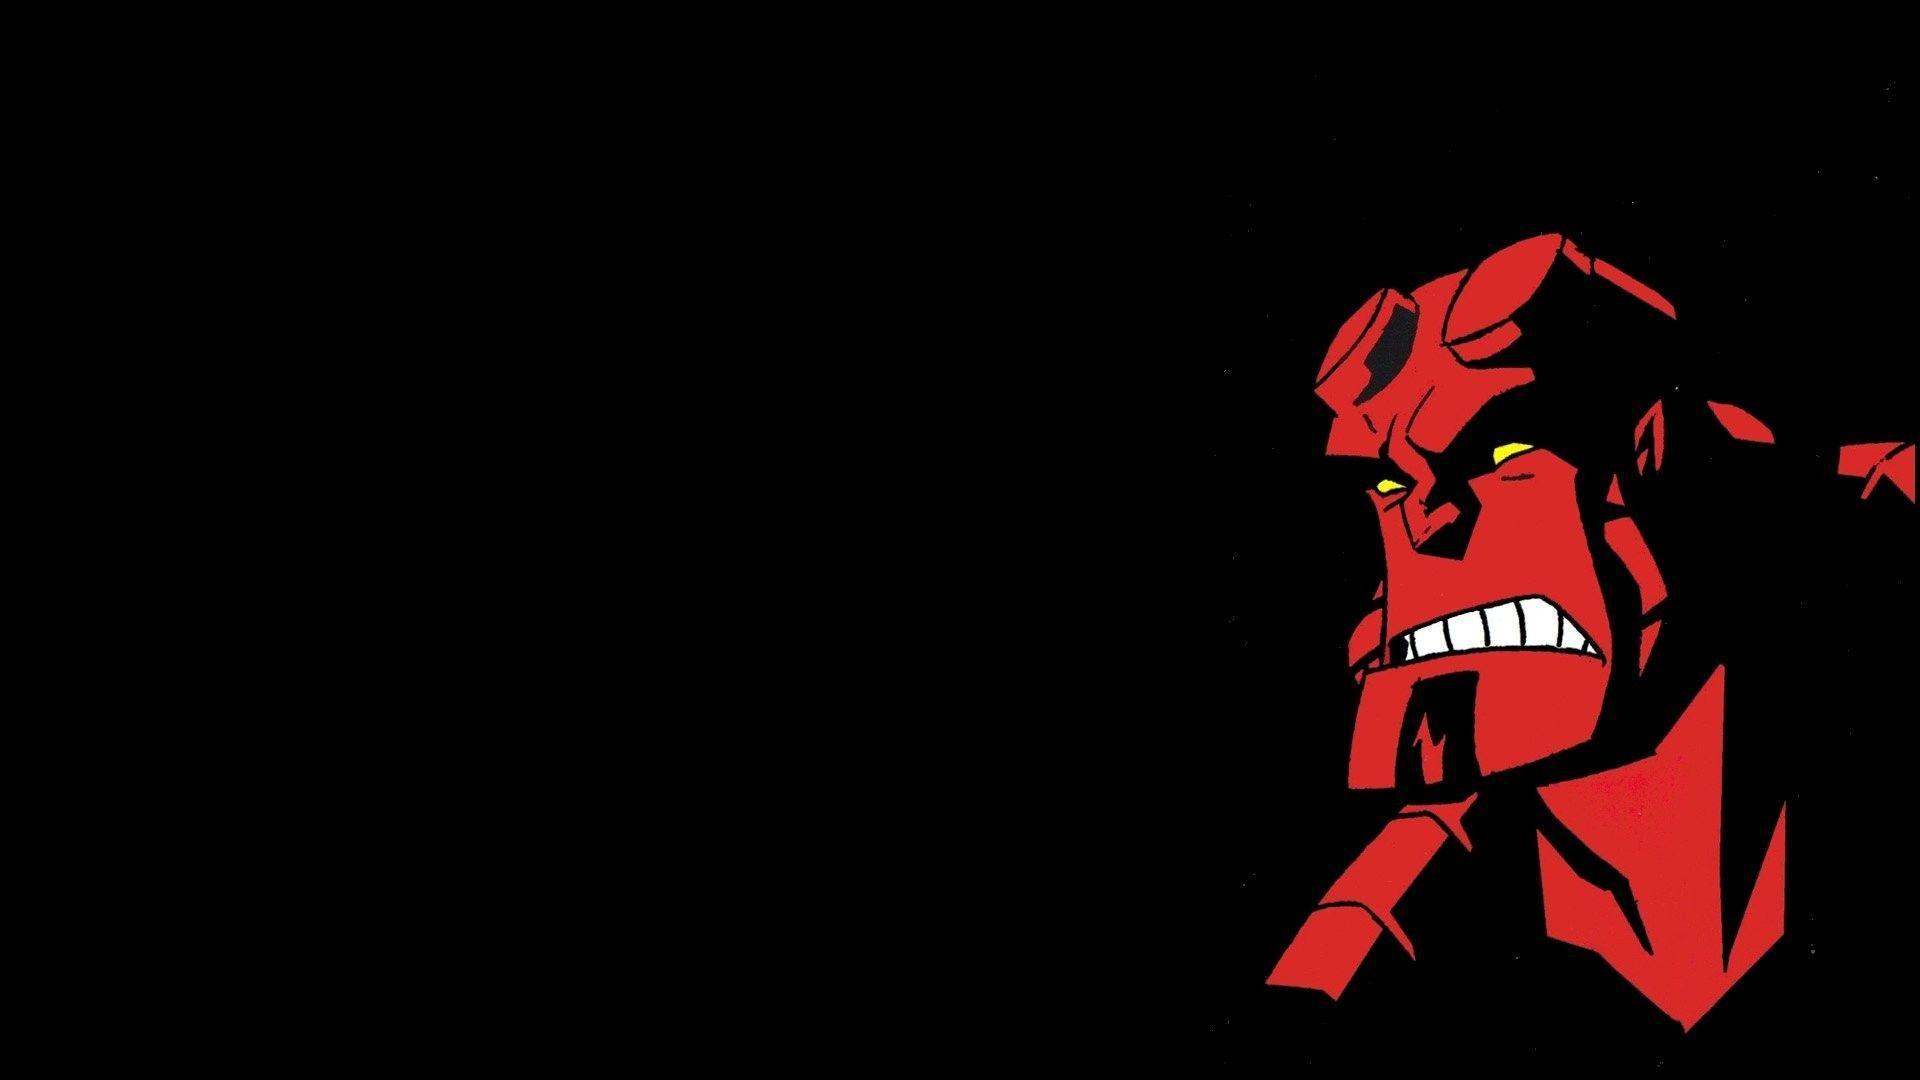 1920x1080 Hellboy, Khoa học viễn tưởng, Hình nền có độ phân giải cao, Mát mẻ, Bản vẽ hành động, Siêu anh hùng